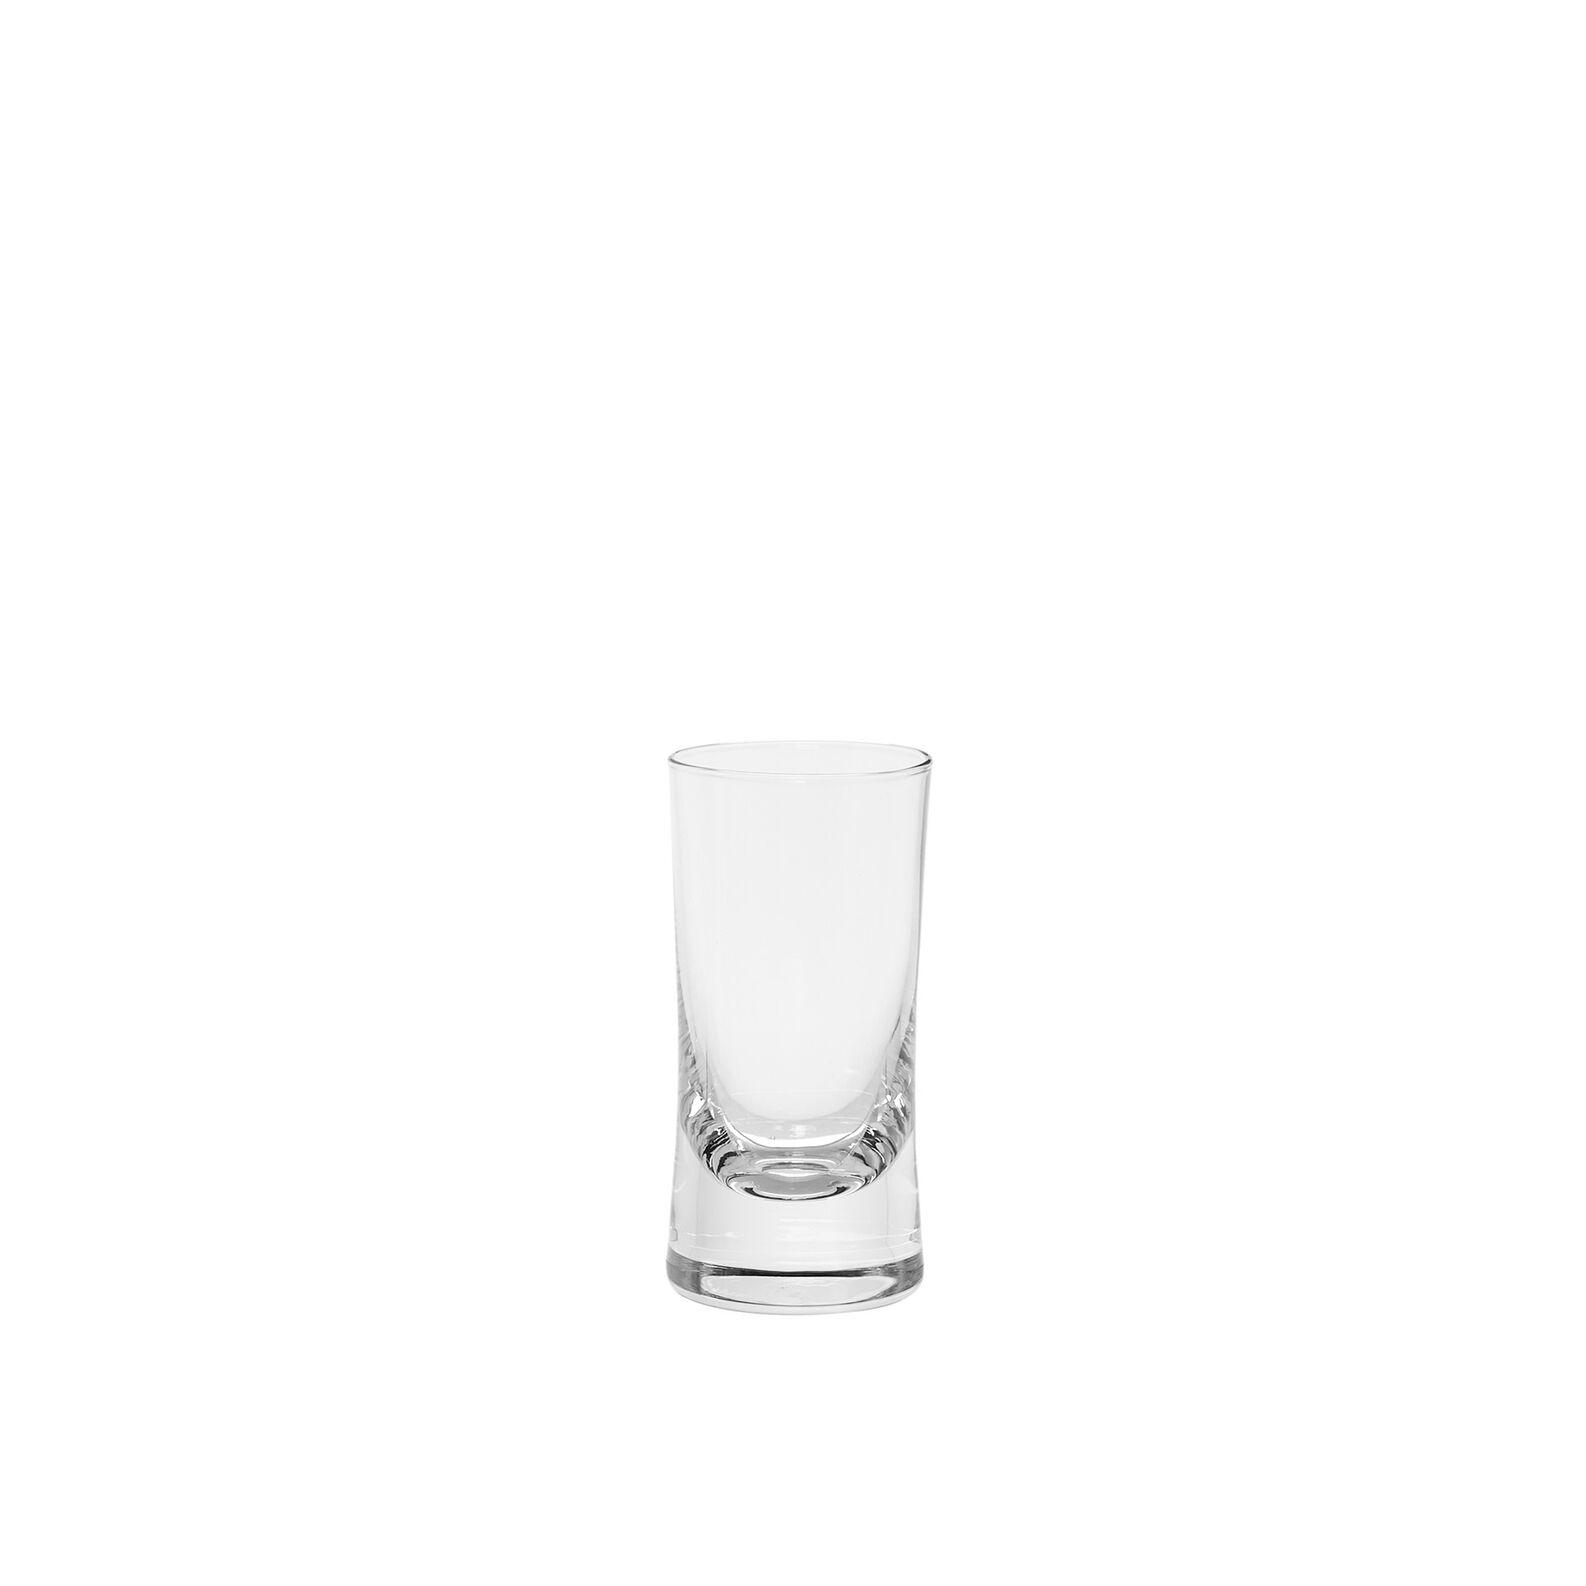 Vodka glass 40 ml